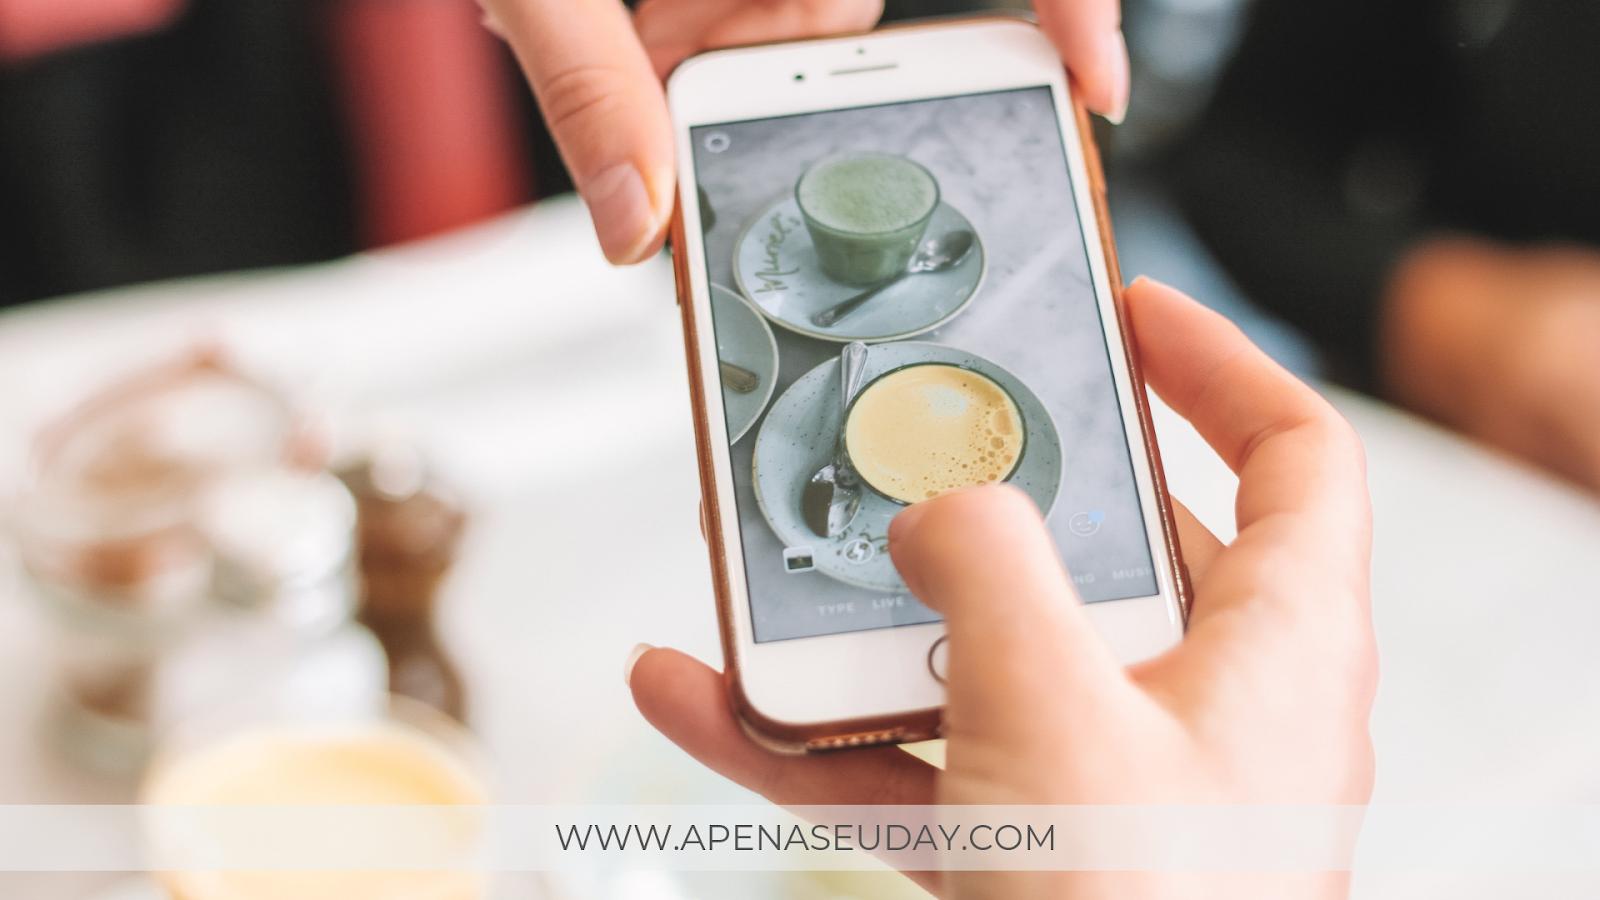 Confira os 5 melhores aplicativos para turbinar seu story do Instagram, saiba mais agora!